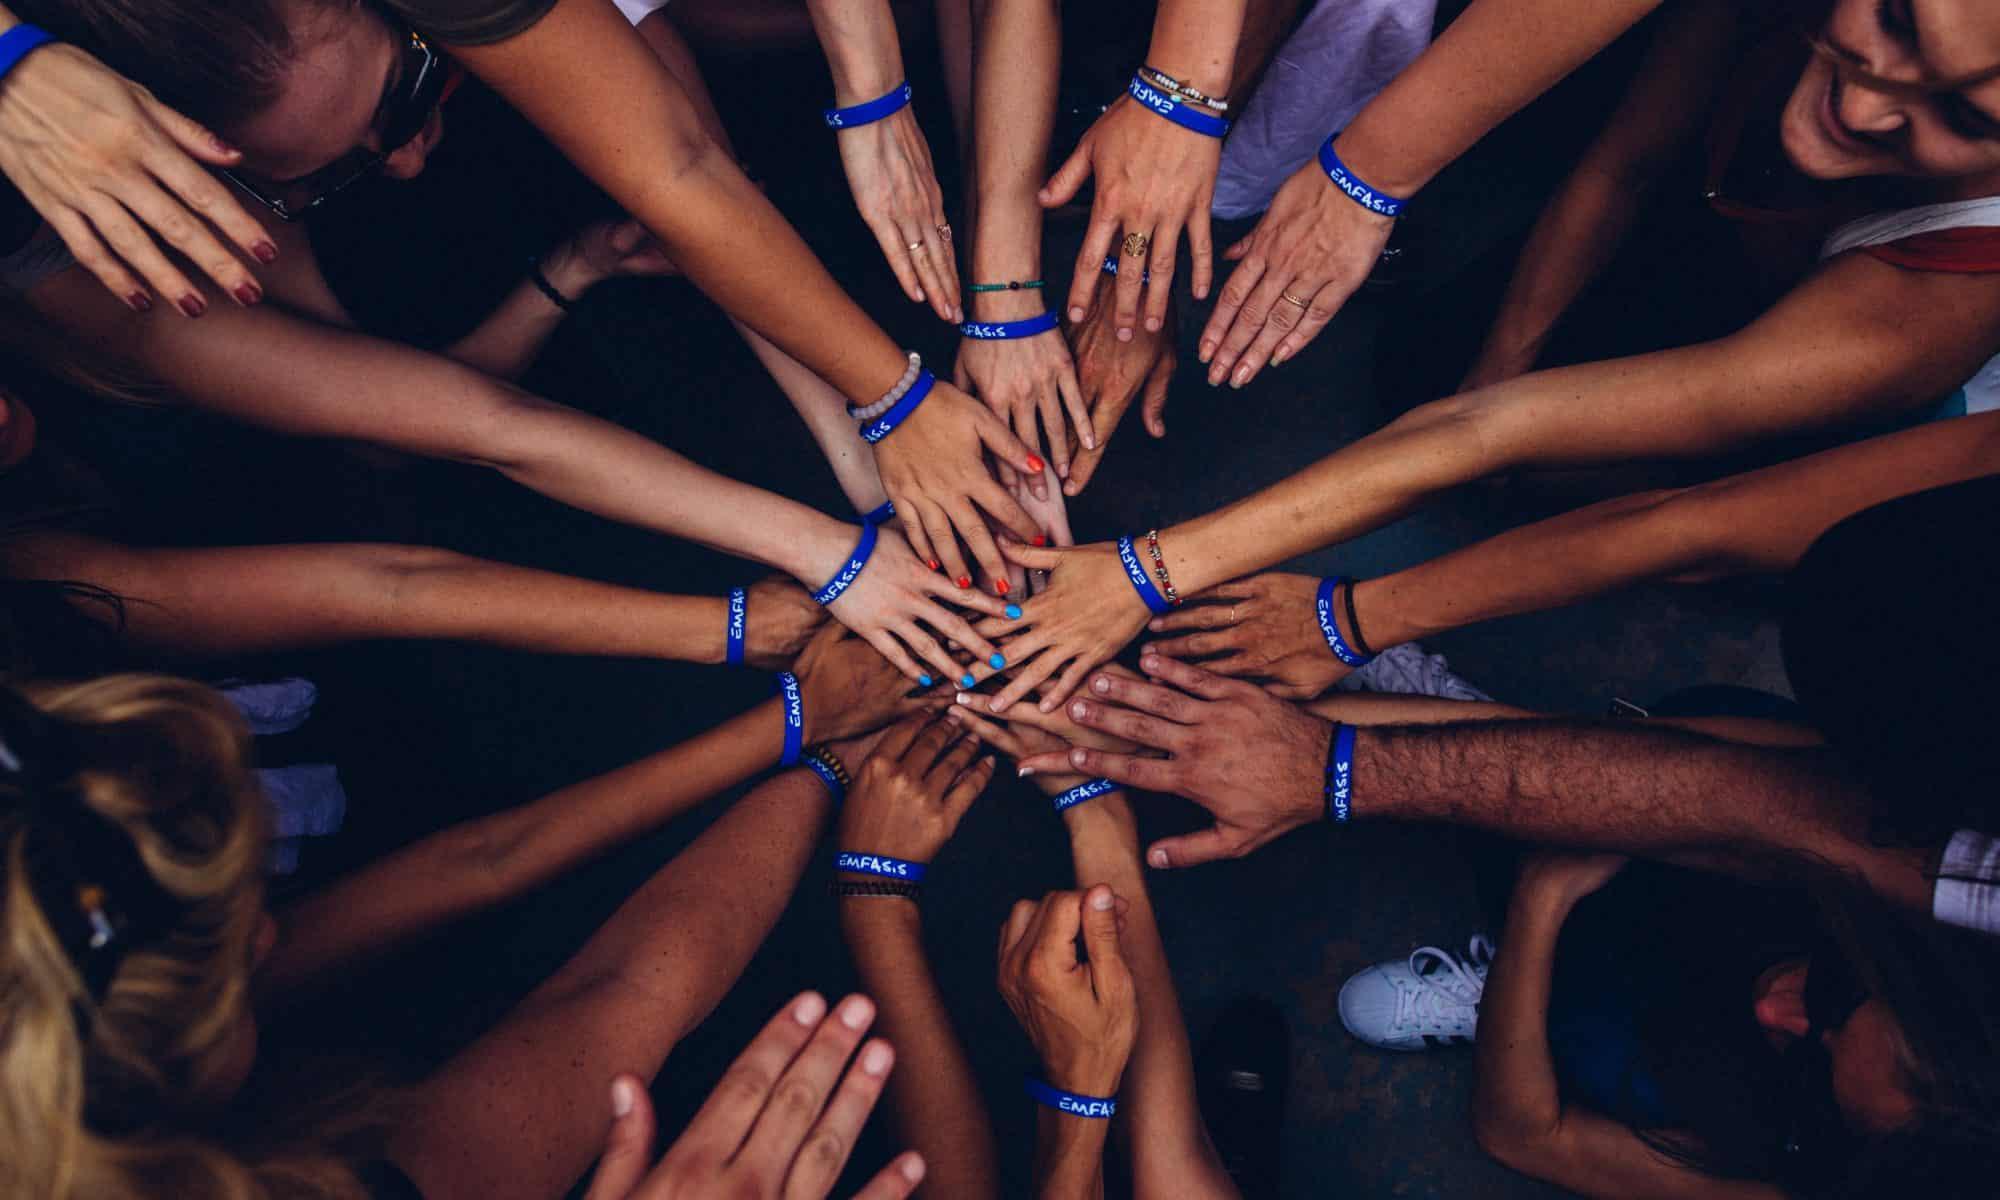 Hands together in huddle